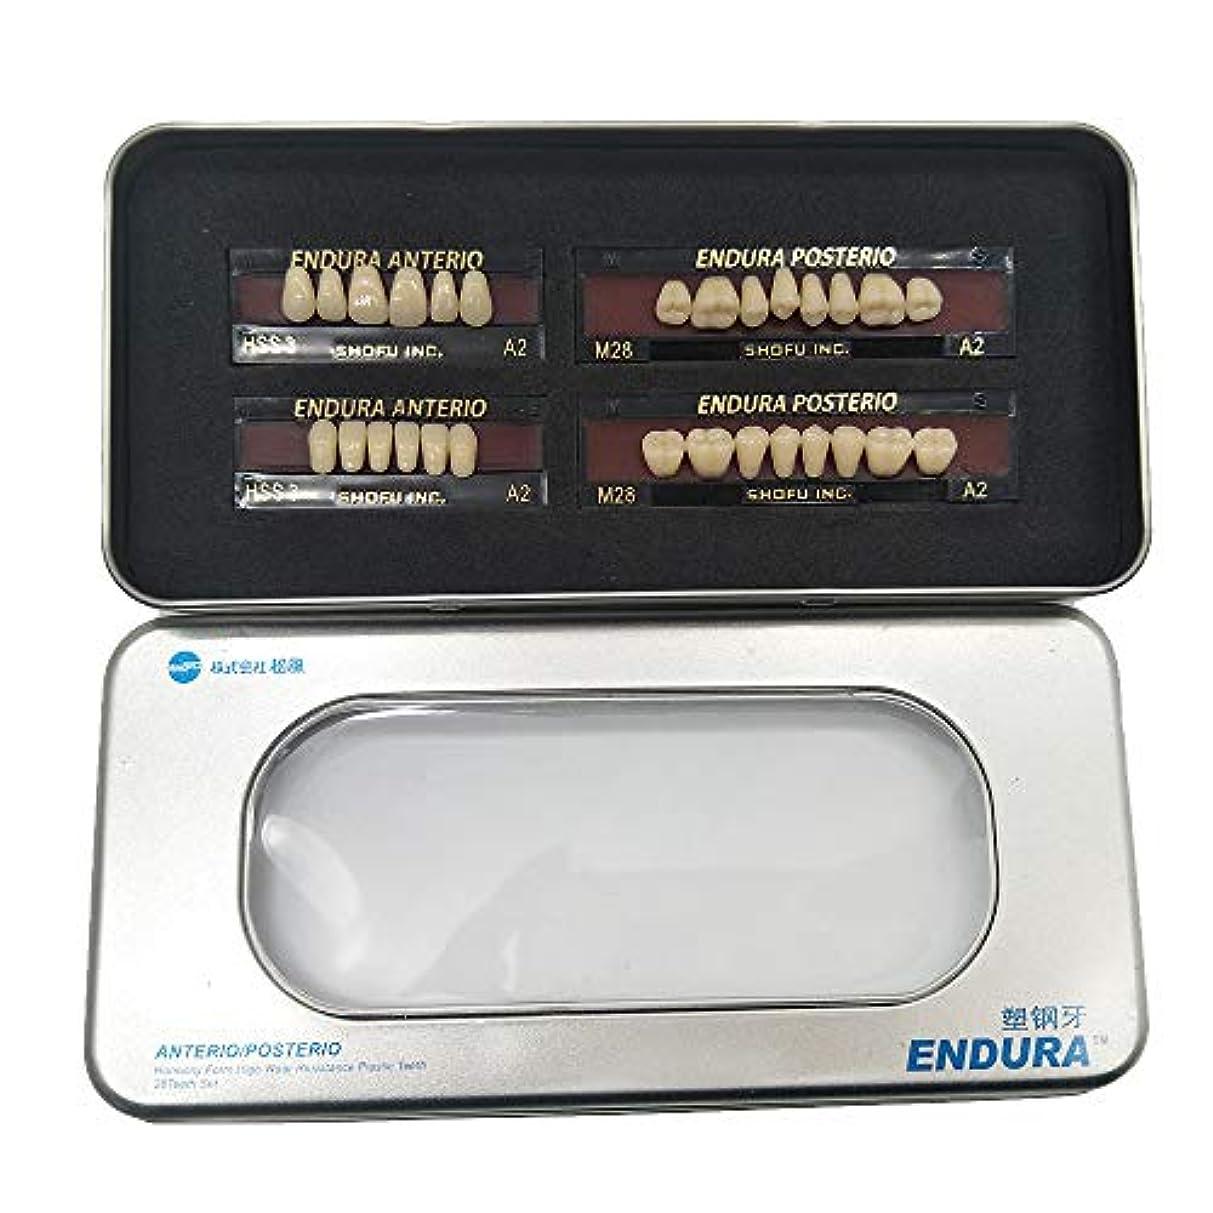 入り口ビジョンドローSHINAHUATONG 1ボックス/セット歯科用 義歯 サイズM28 カラーA2 28枚/セット